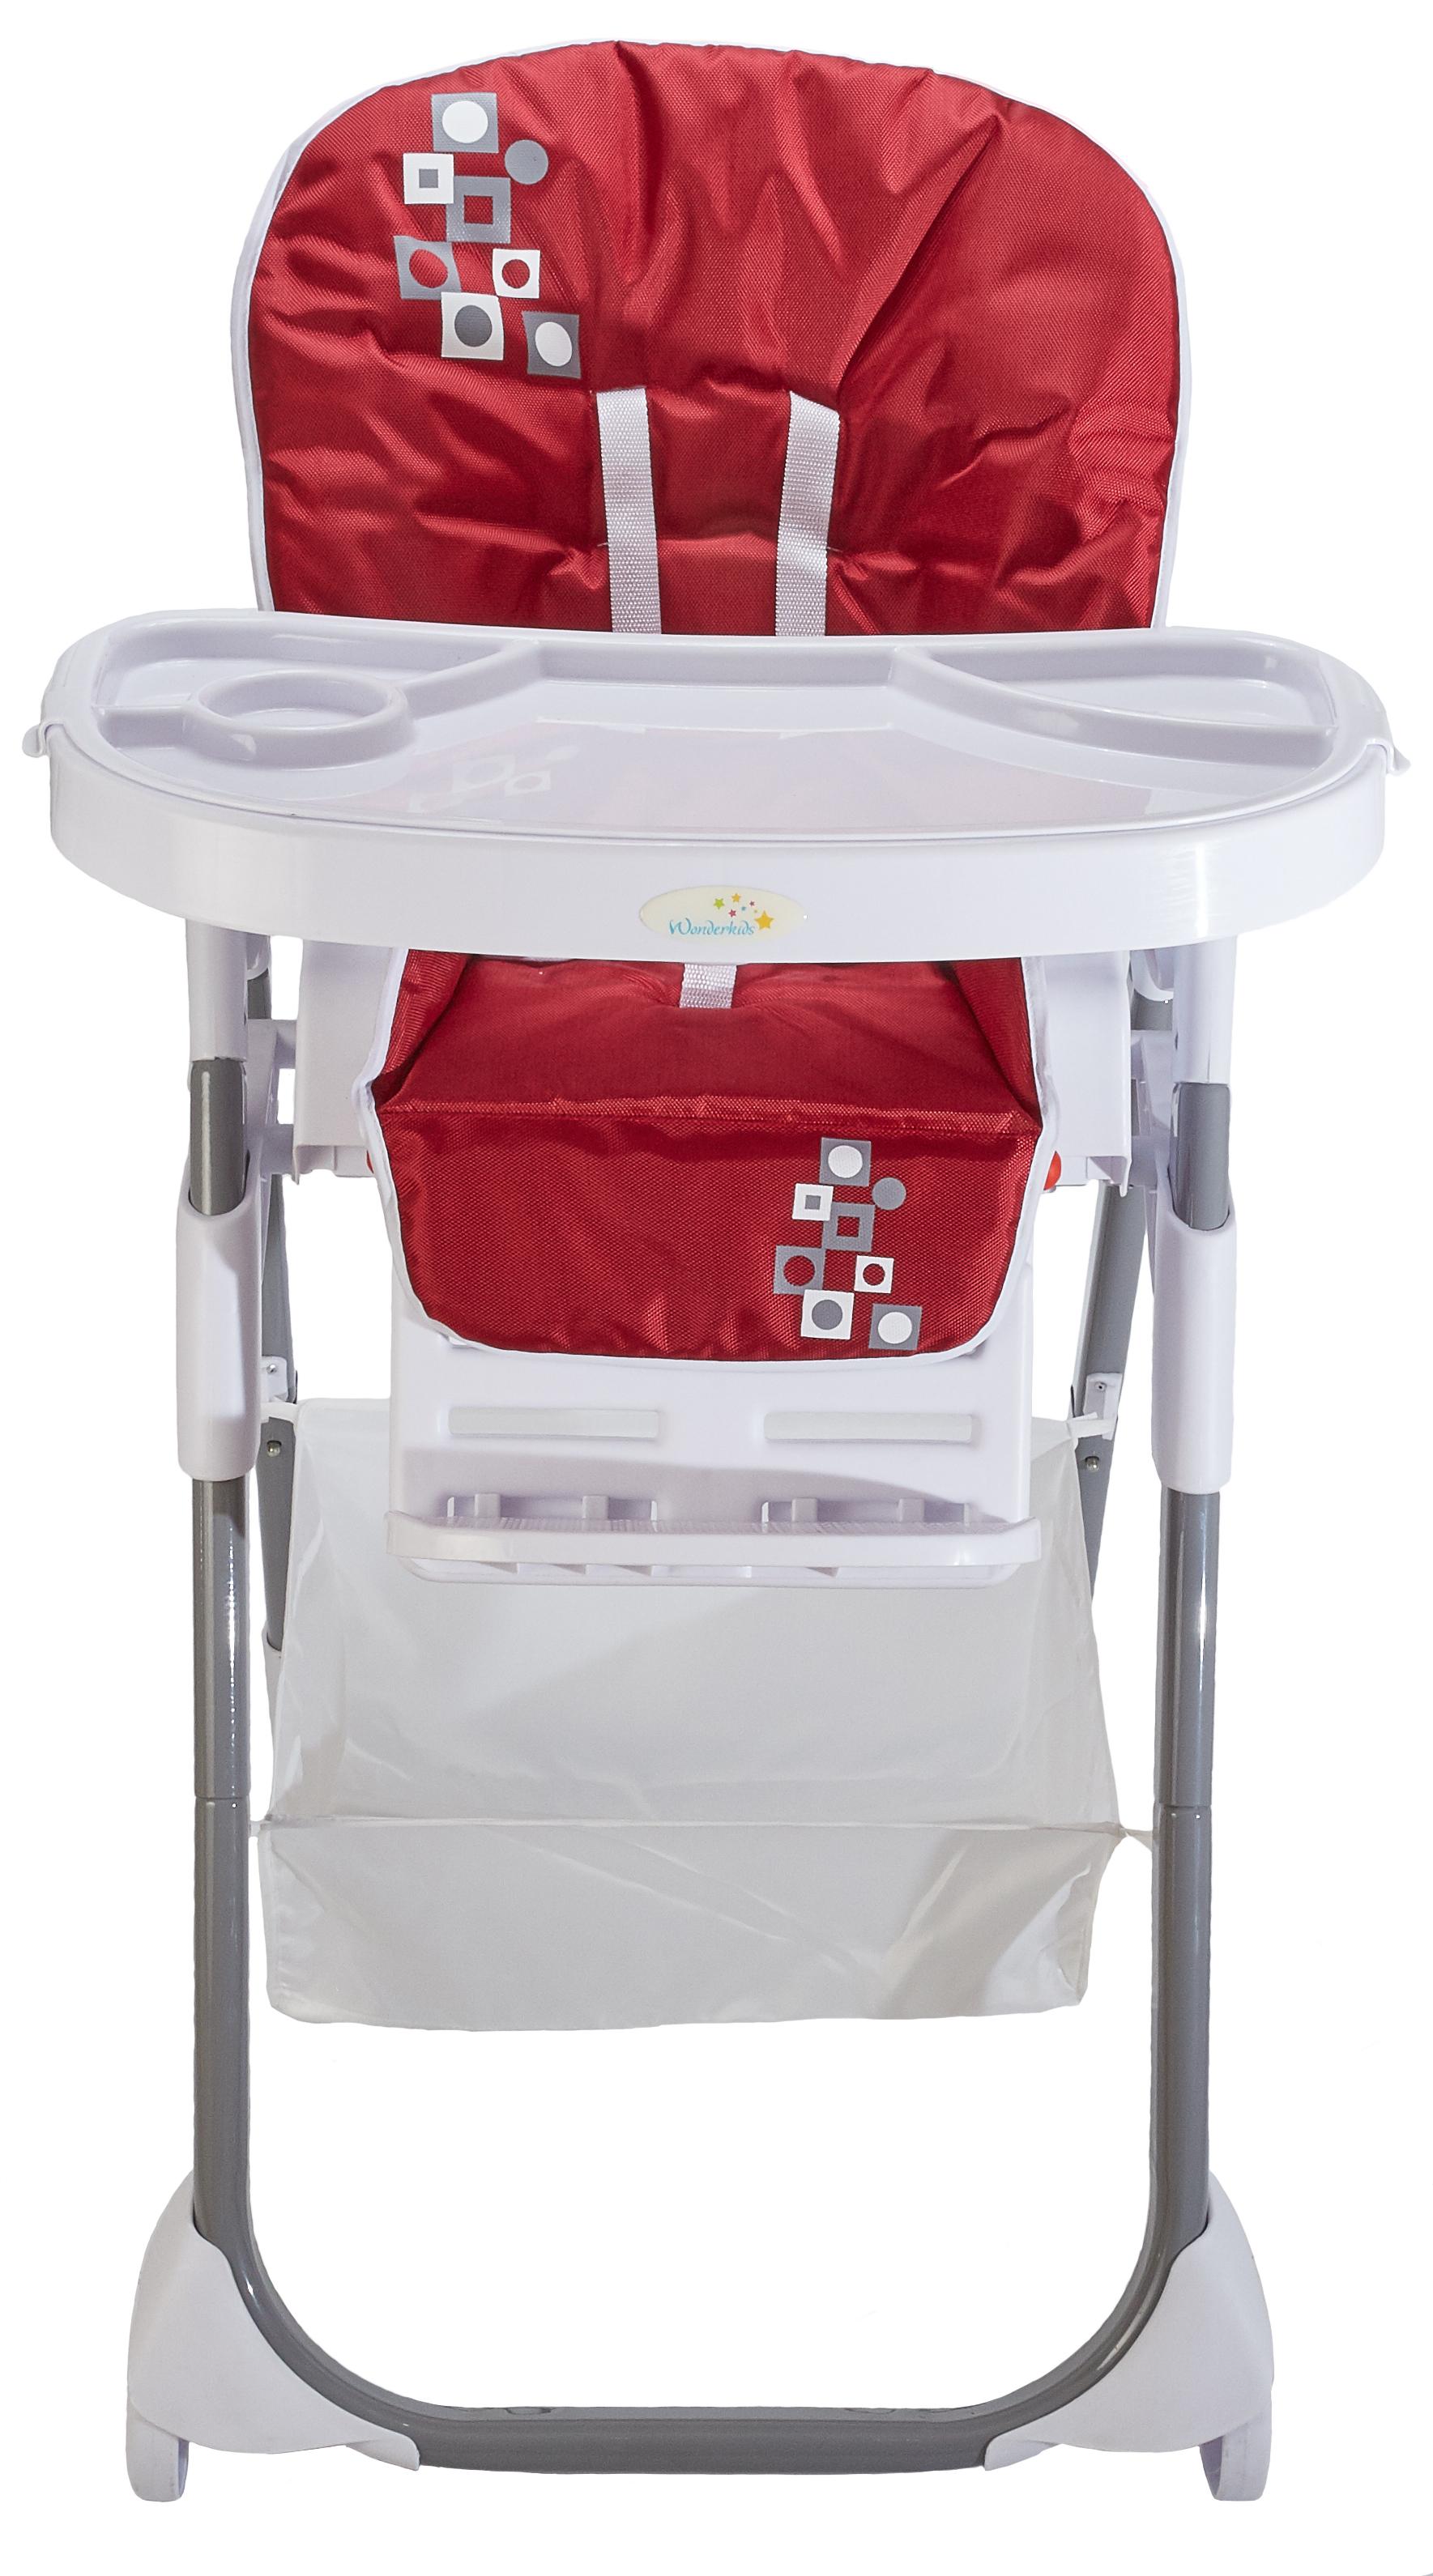 Купить детский стульчик для кормления Wonderkids WK32-R12-001. Ettidetti.com.ua, Этти Дeтти UA